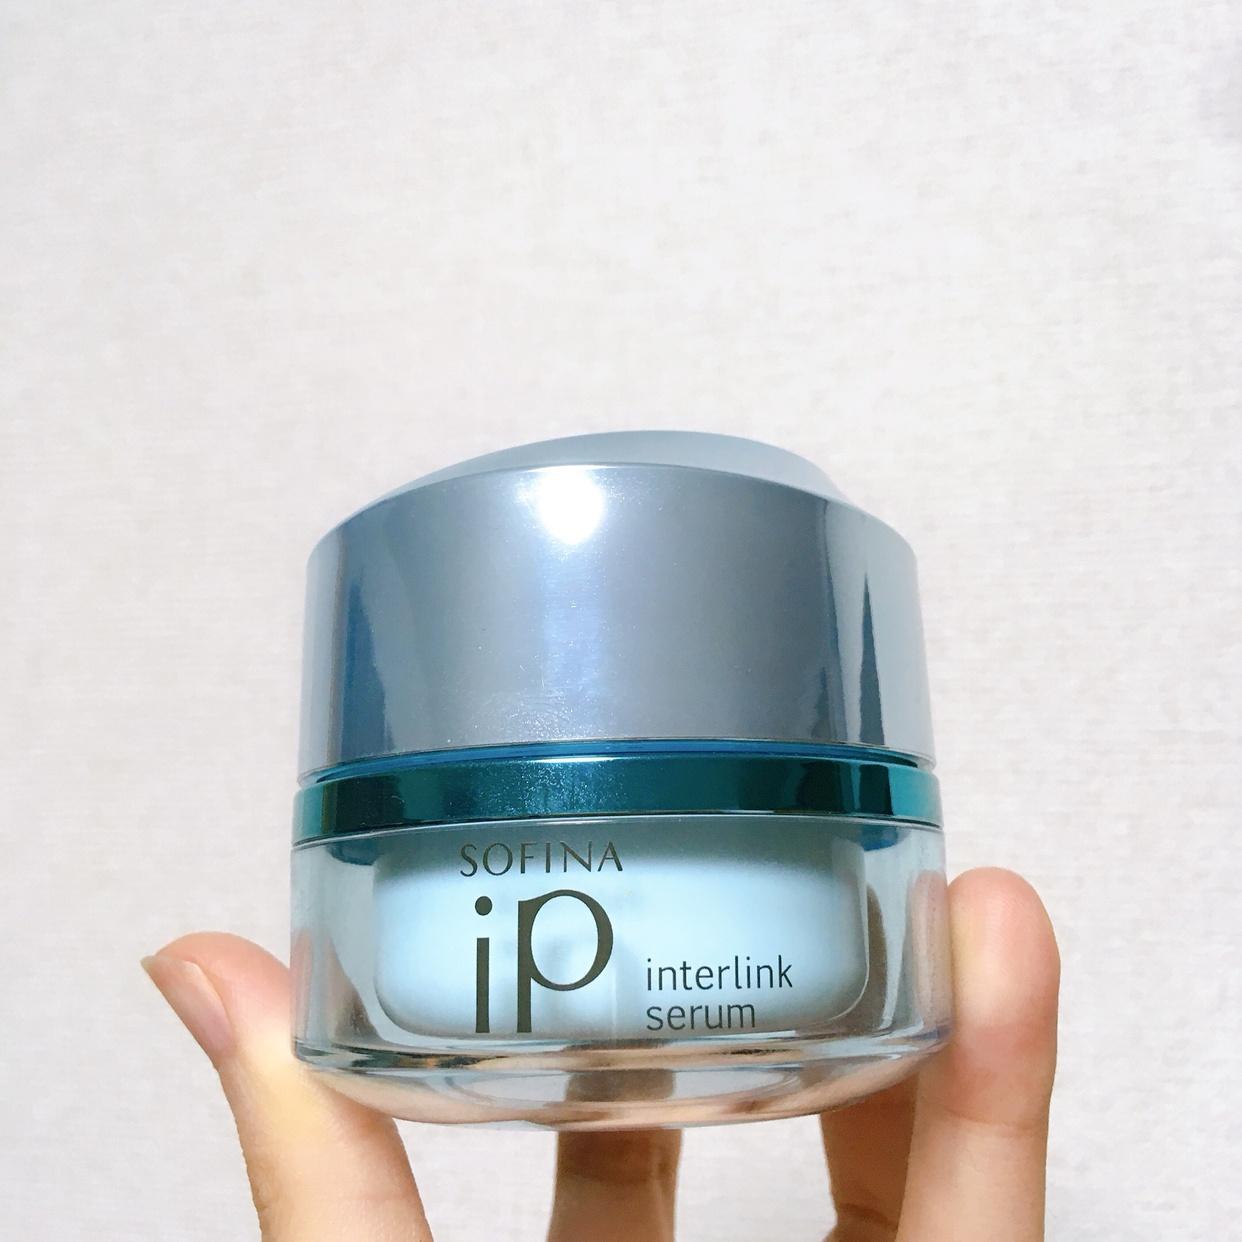 SOFINA  iP(ソフィーナ アイピー) インターリンクセラム 毛穴の目立たない澄んだうるおい肌へを使ったMiiさんのクチコミ画像2